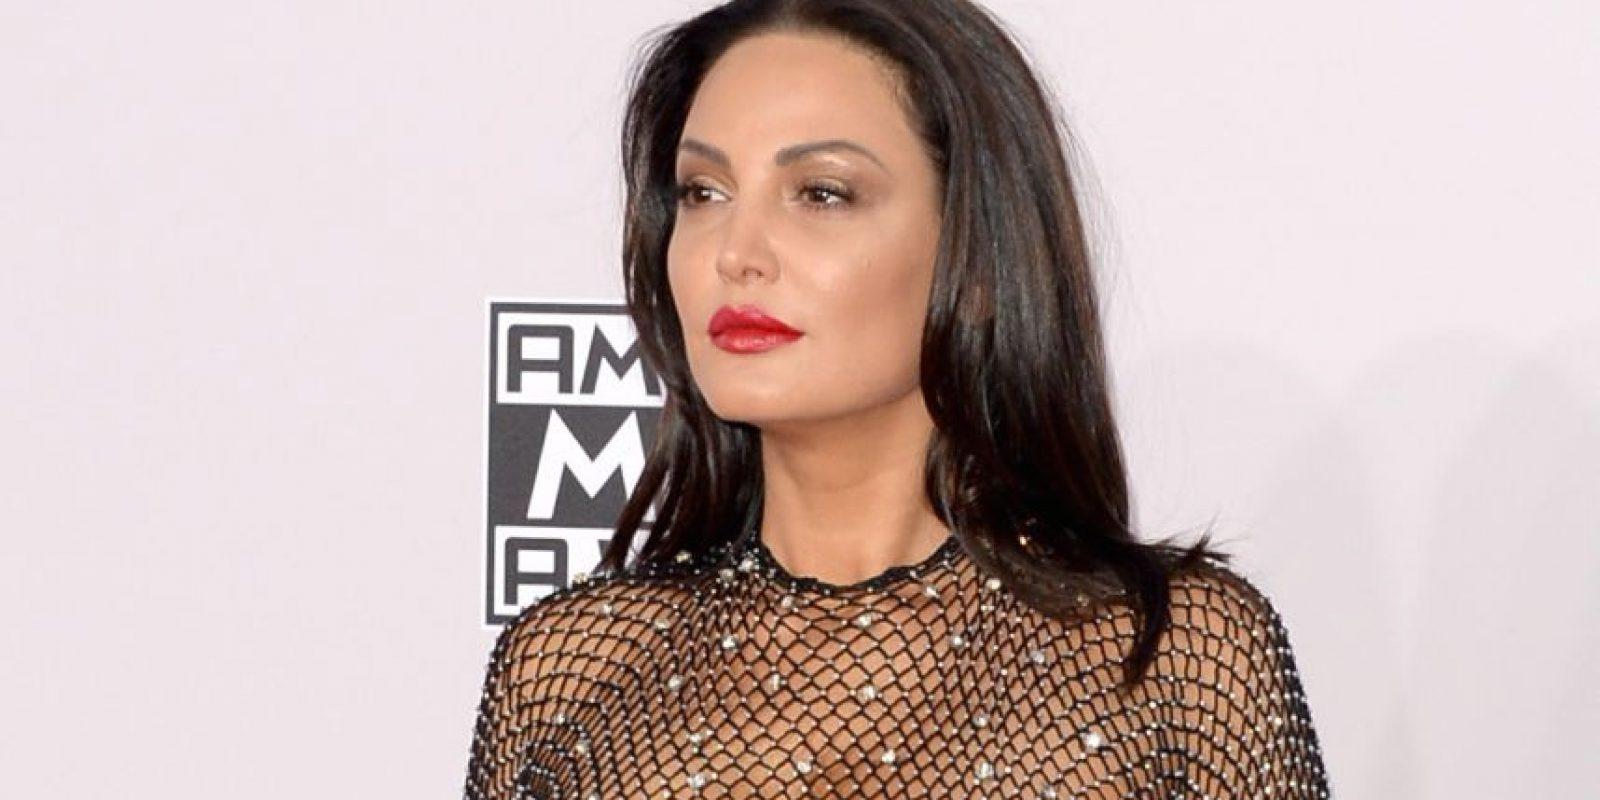 """La cantante ha sido catalogada como la """"Madonna de Albania"""" por el New York Daily News. Foto:Getty Images"""